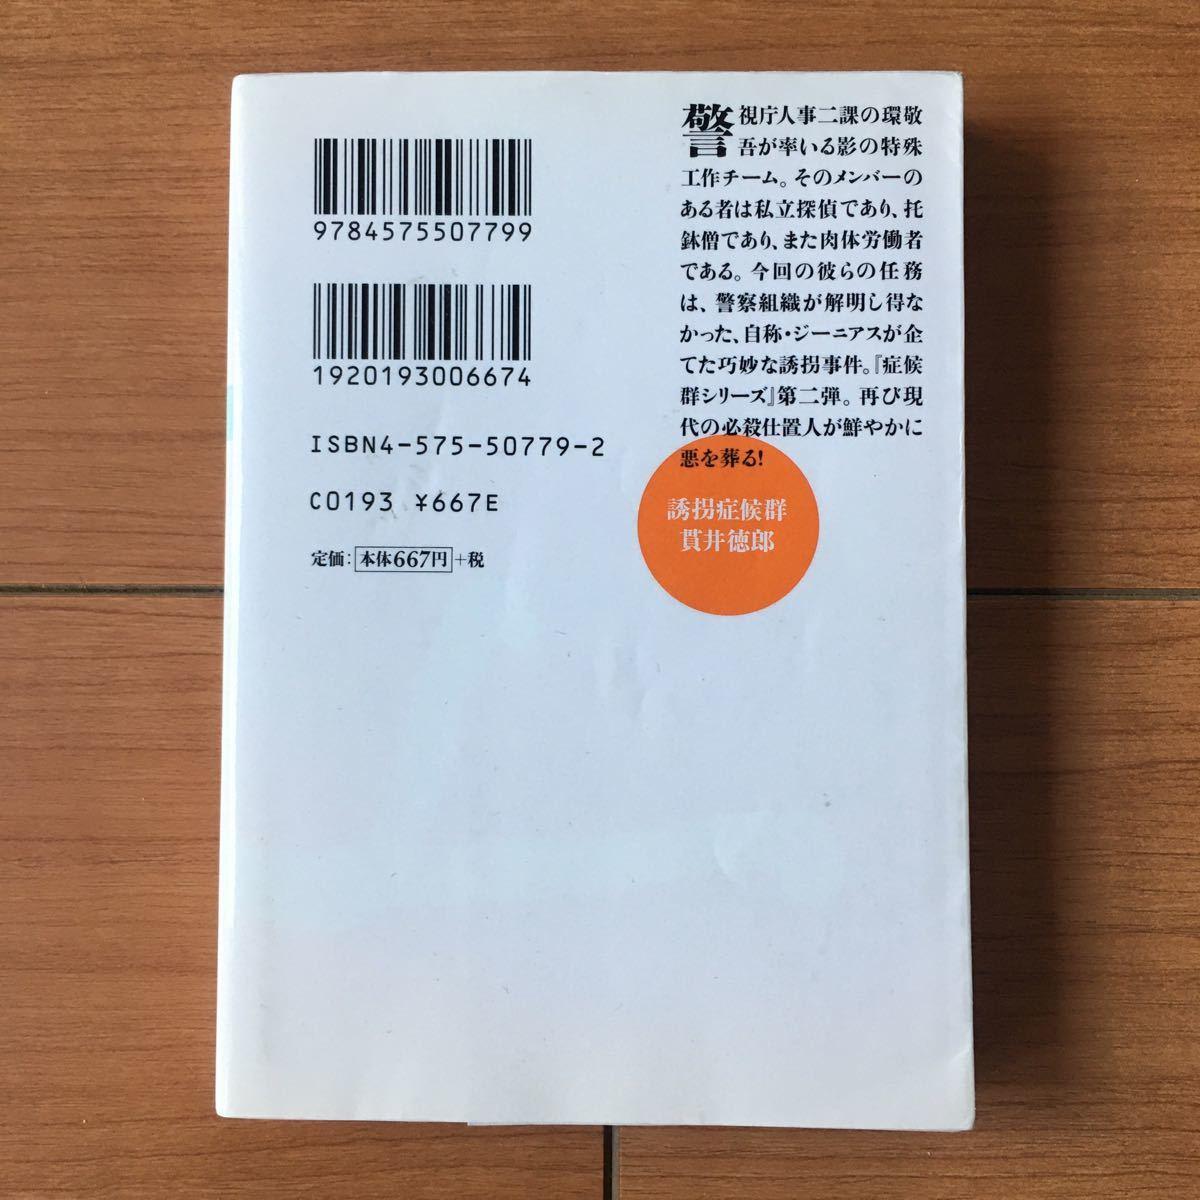 誘拐症候群 双葉文庫/貫井徳郎 (著者)